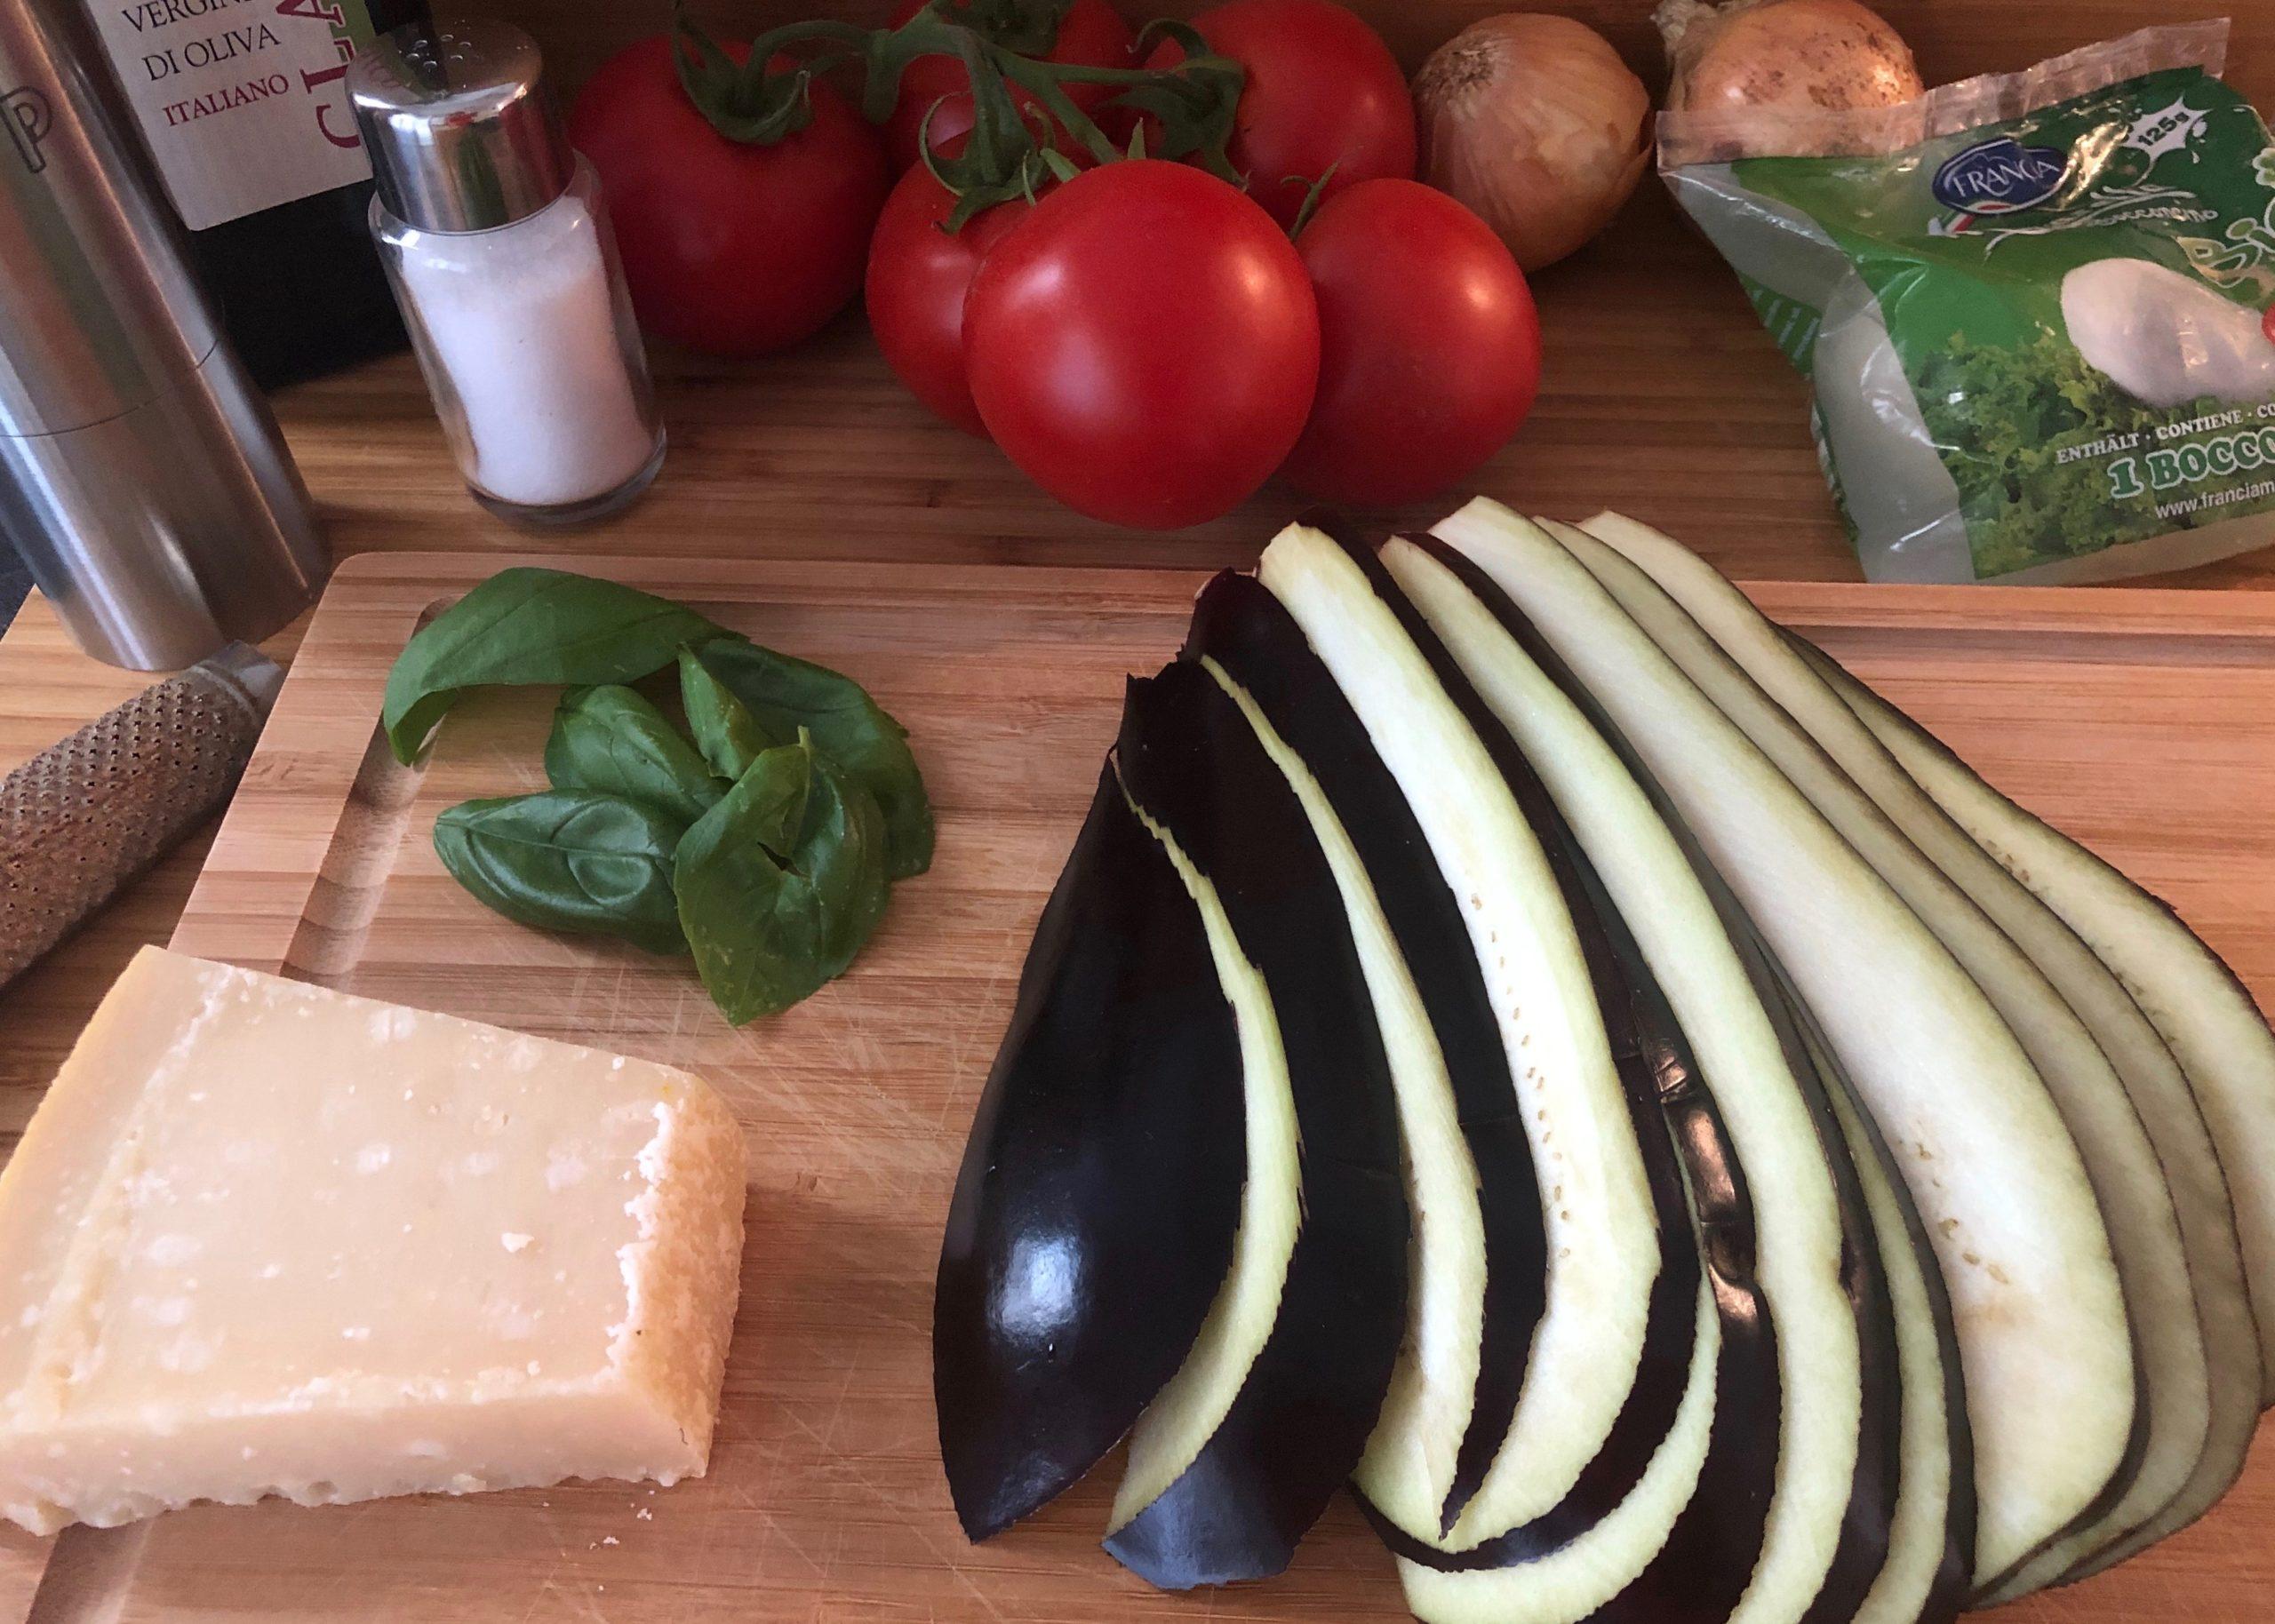 Auberginen, Tomaten, Parmesan, Mozzarella, Zwiebel, Olivenöl